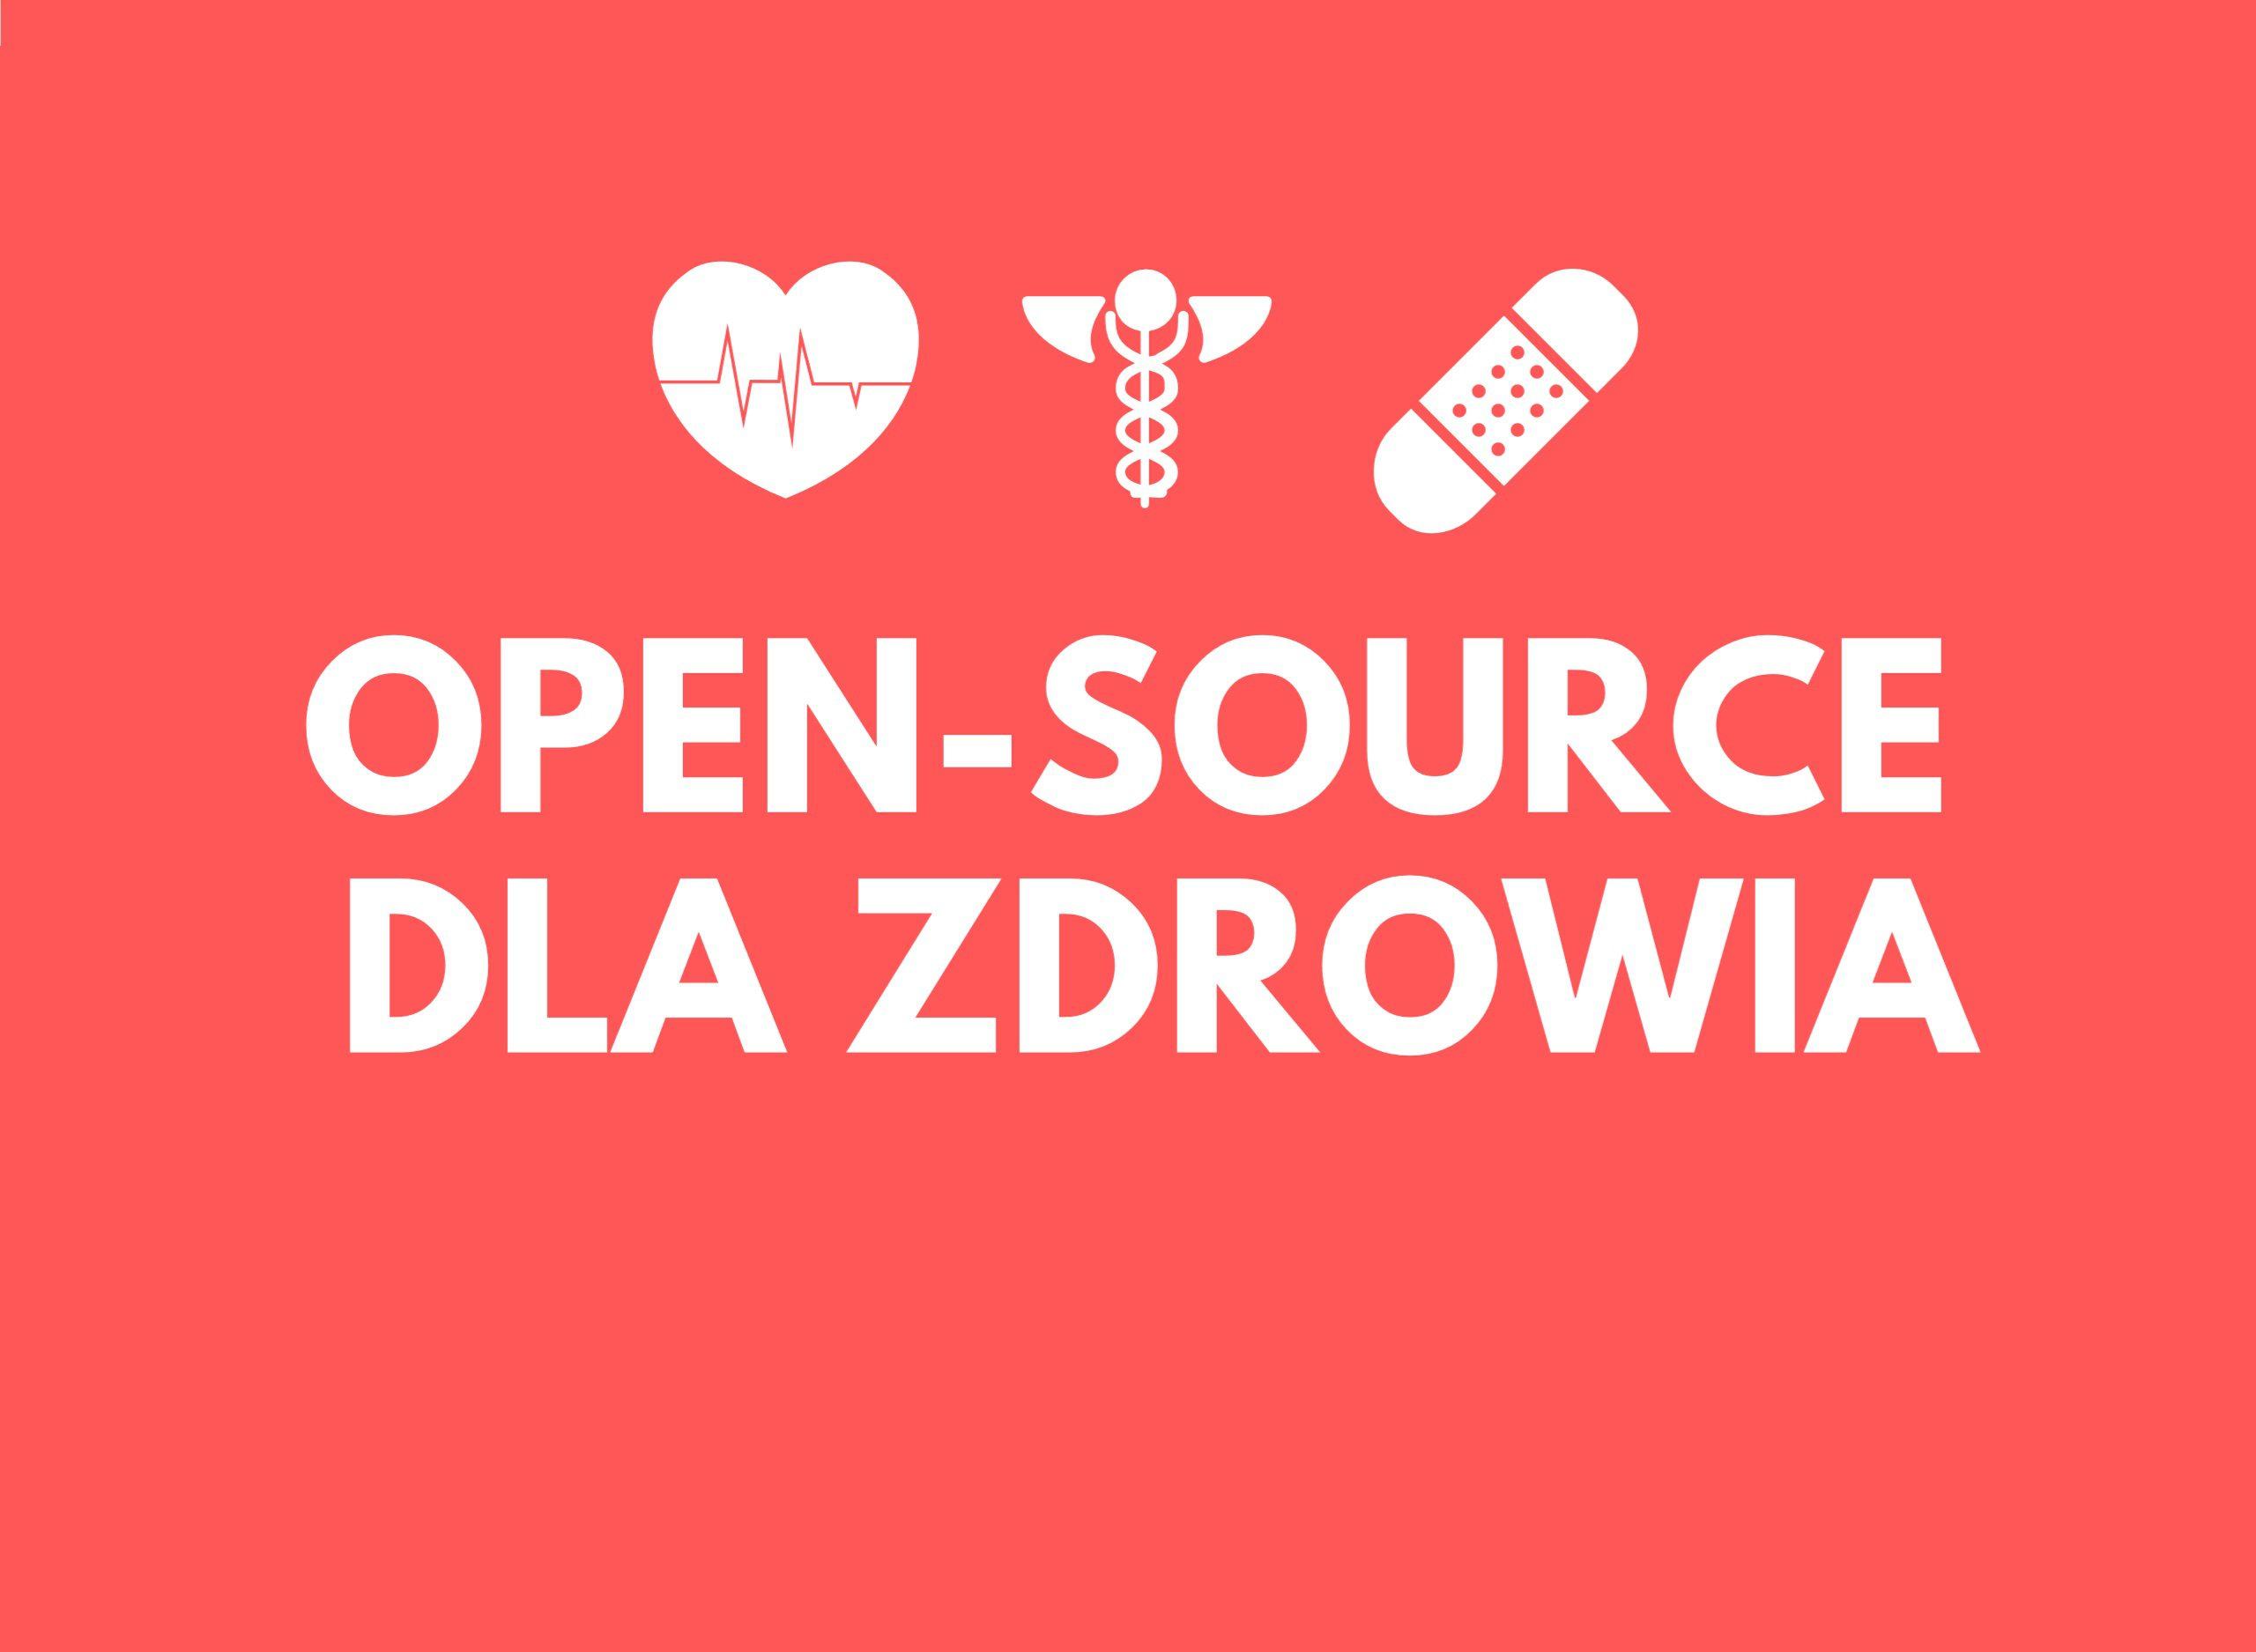 Open-source dla zdrowia